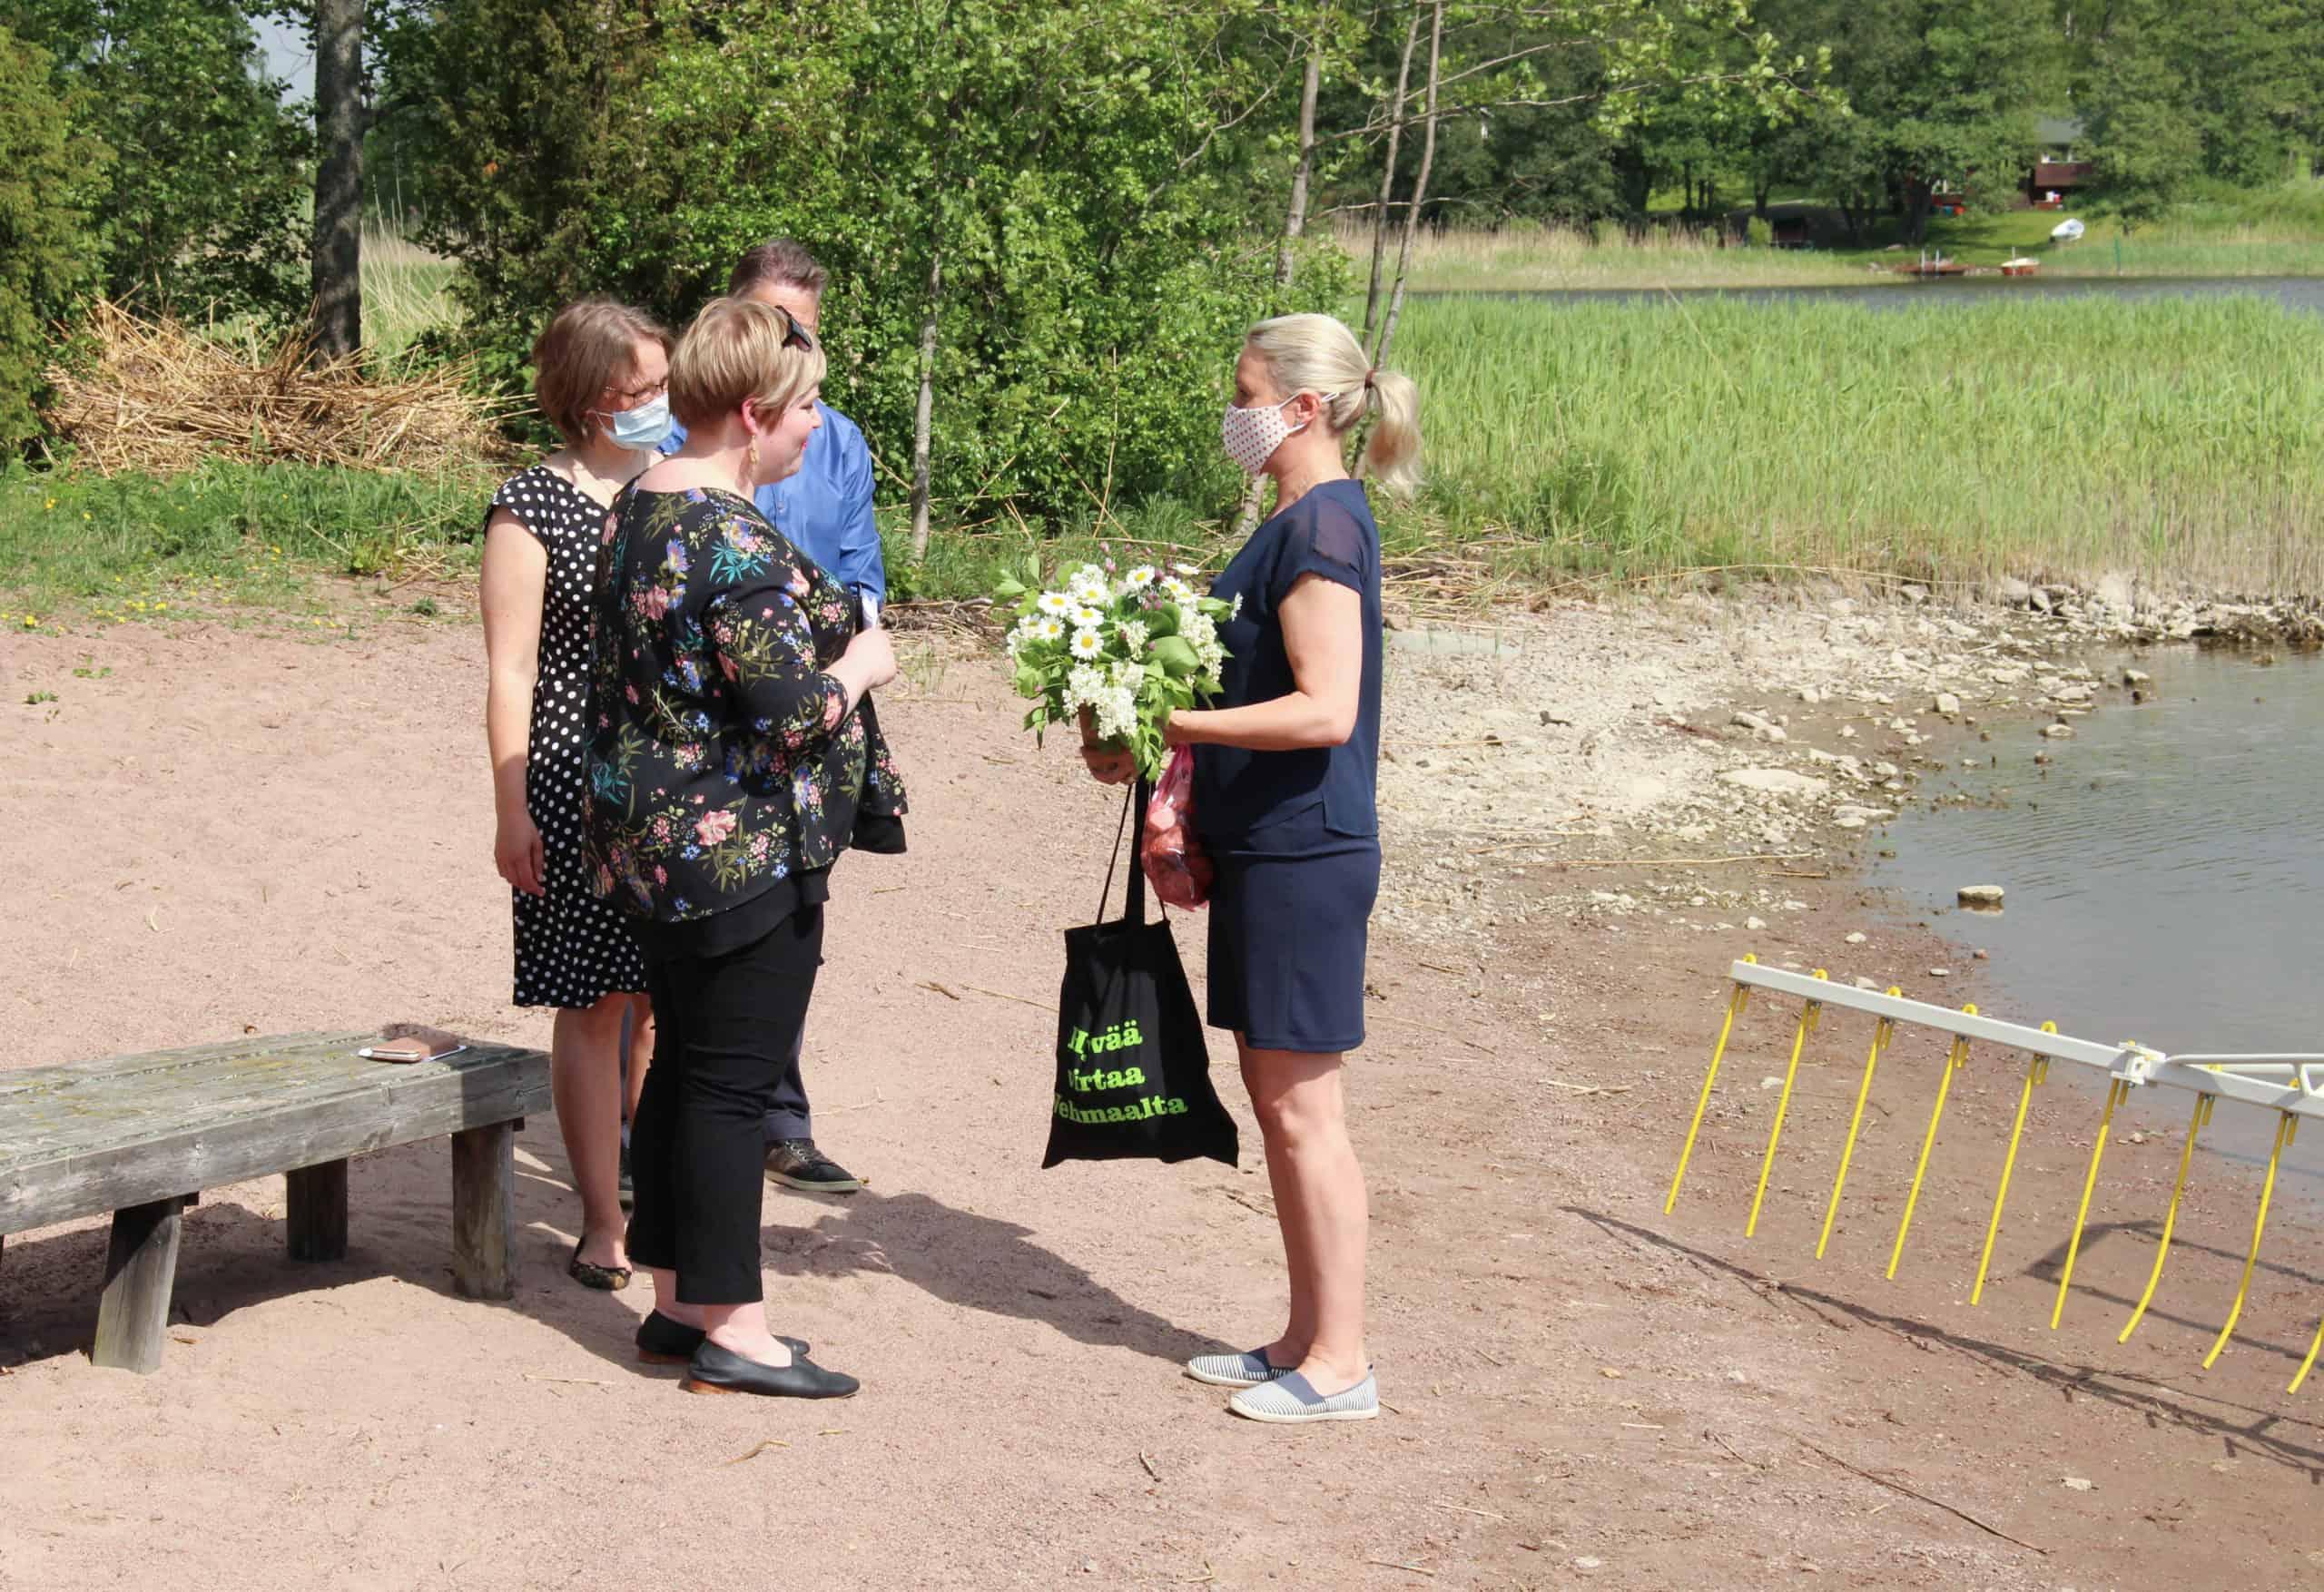 Anna Kaskinen luovuttaa ministeri Saarikolle paikallisia tuotteita rannalla.